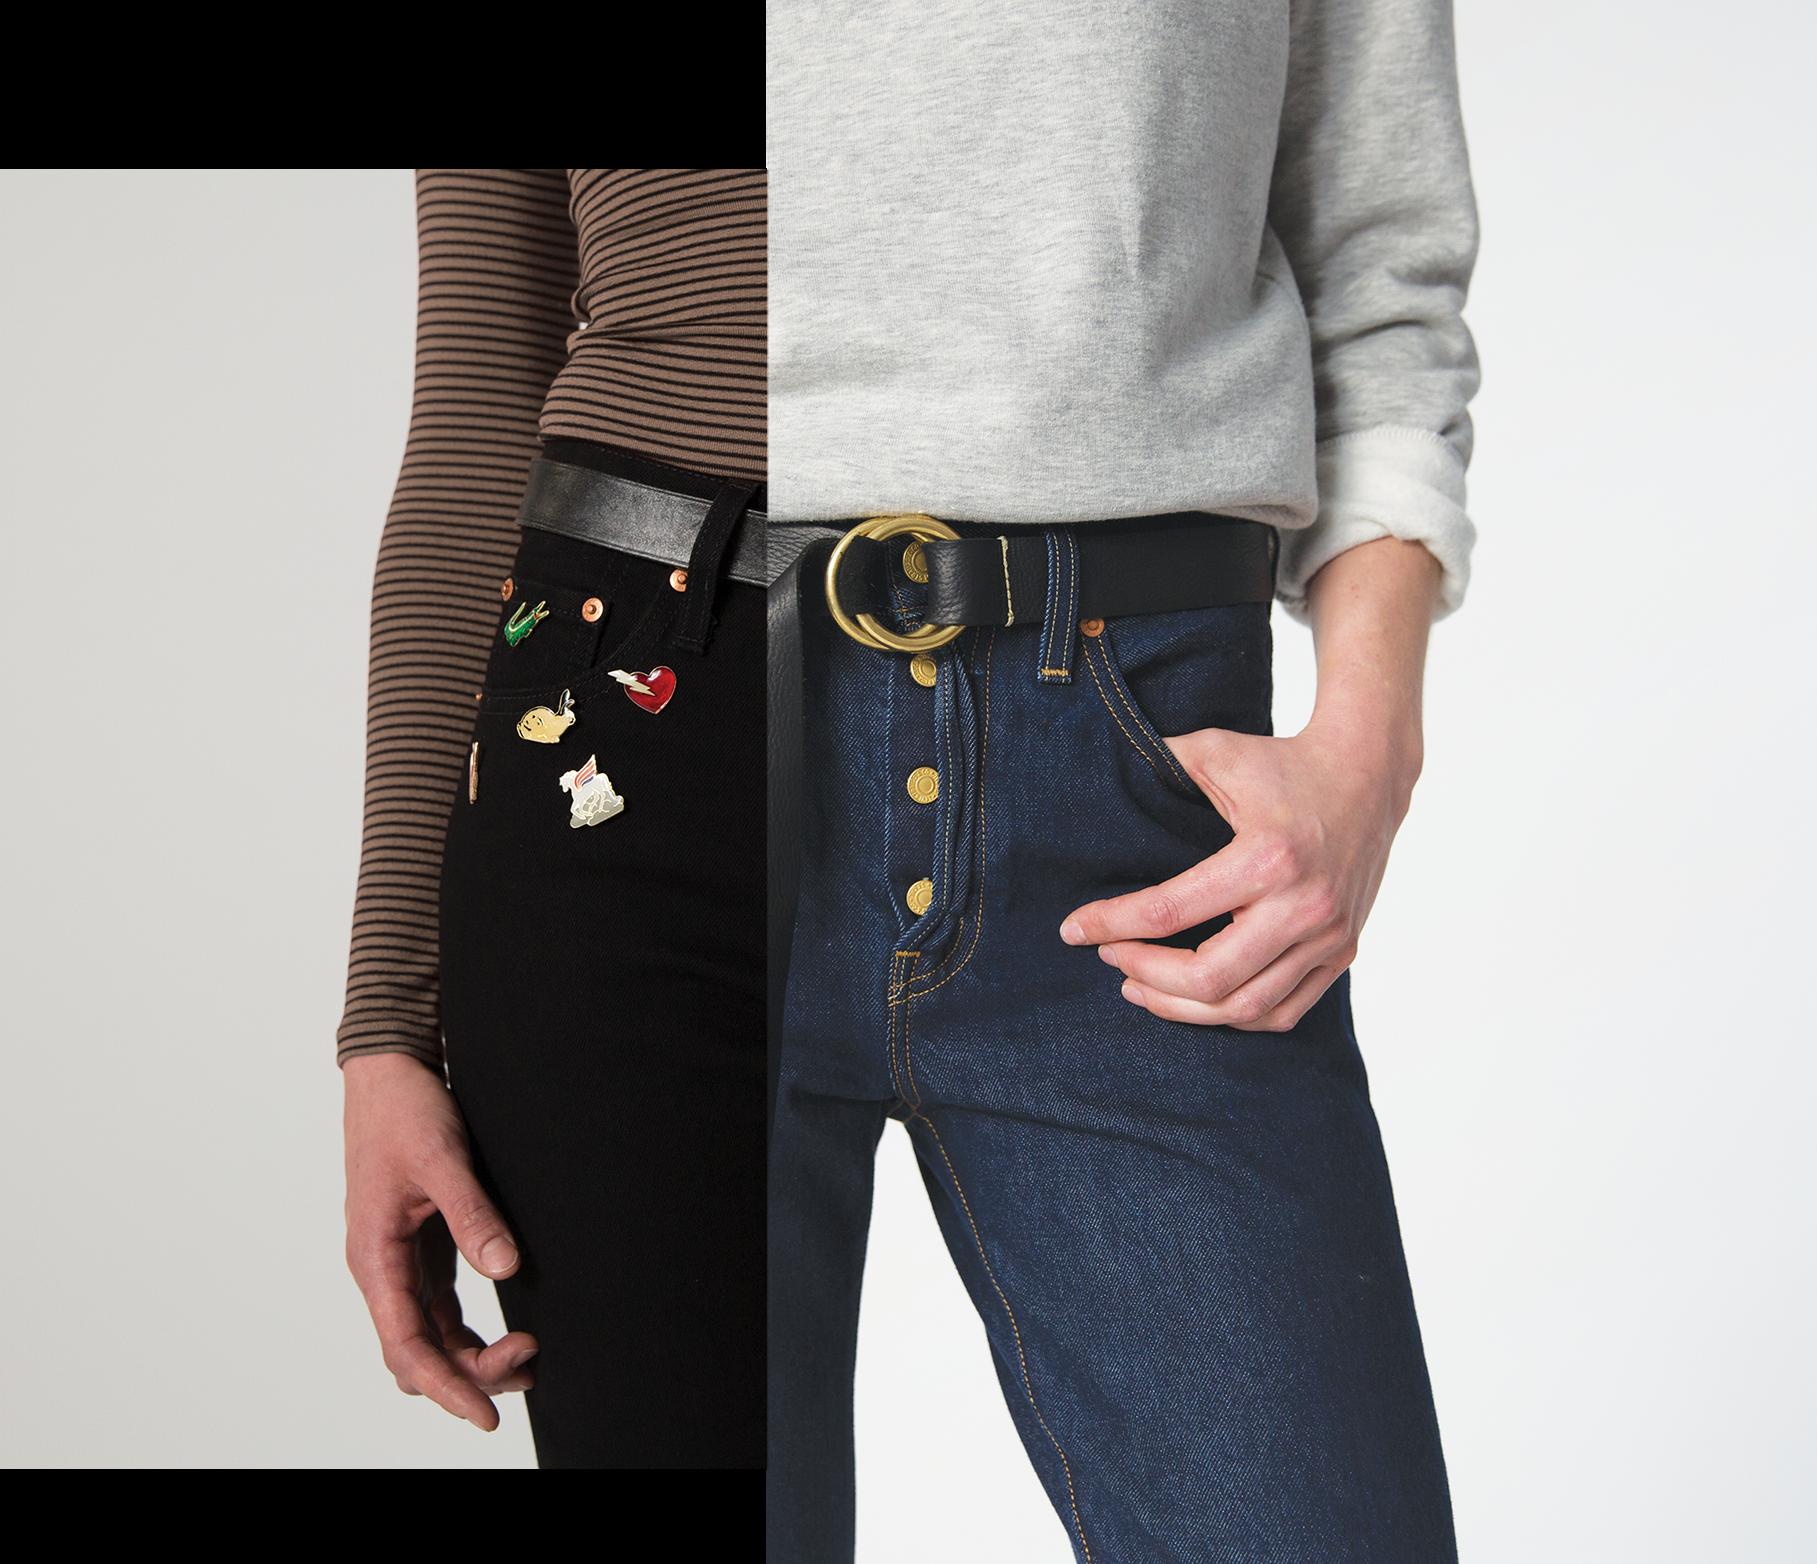 Kolaż dwoch zdjdec: z jednej strony spodnie z naszywkami, z drugiej spodnie ze złotymi guzikami